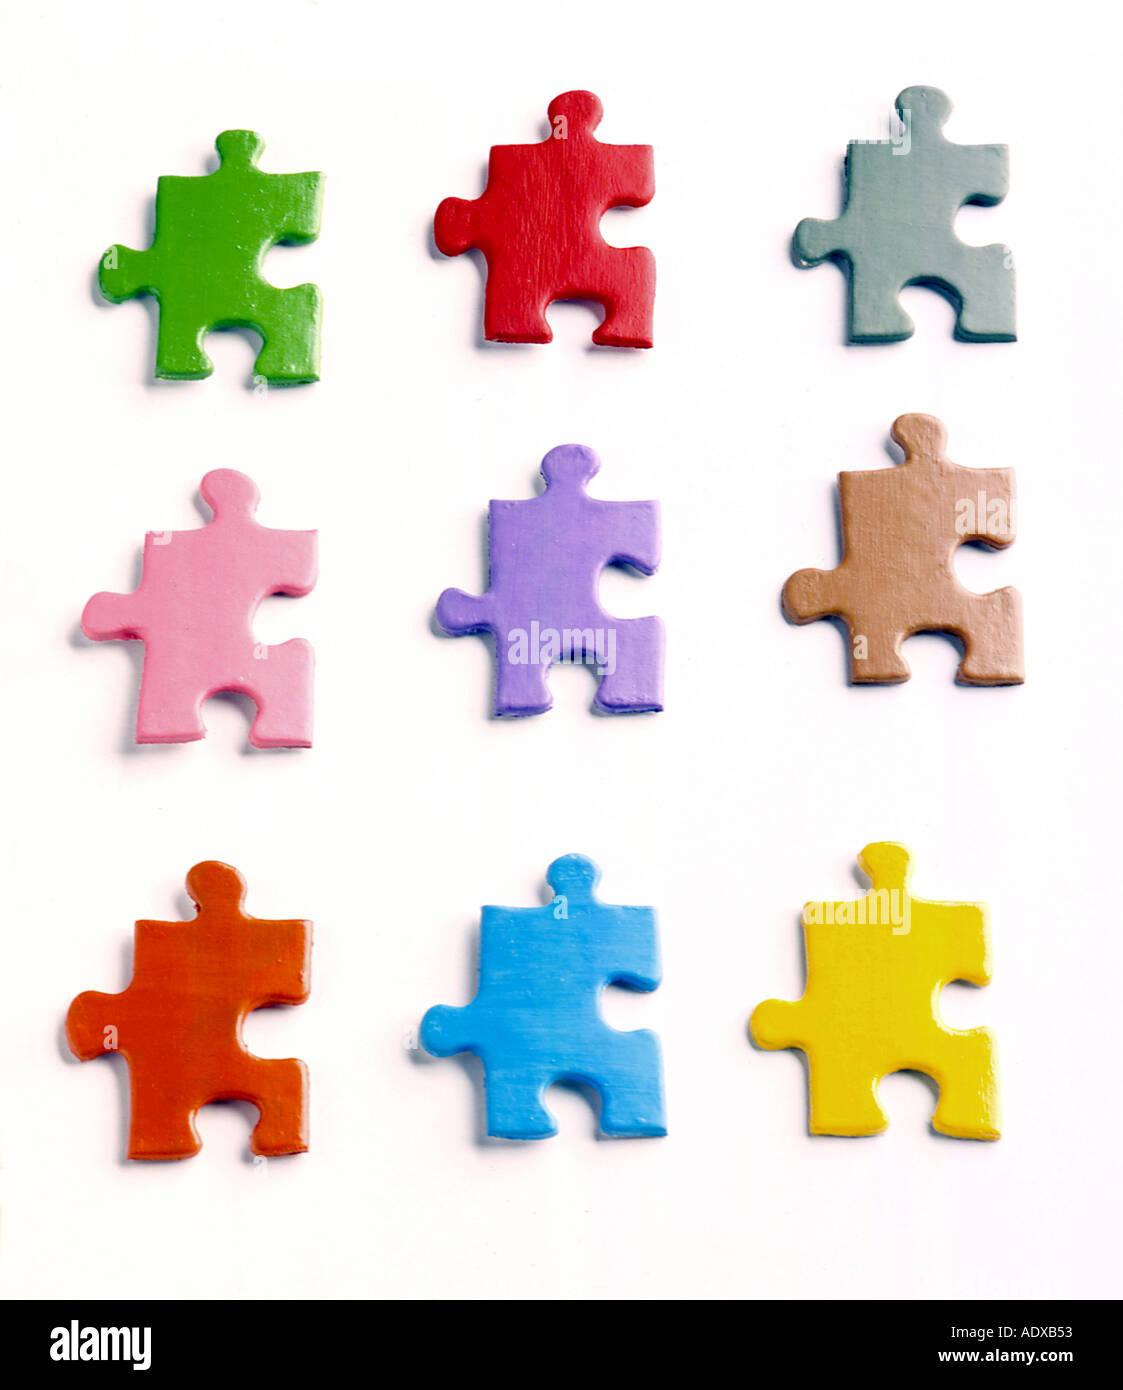 Conceptos similares tanto piezas de rompecabezas colorido parecido a los colores coinciden con la coincidencia de colores encajan miscellane desconcertante Imagen De Stock